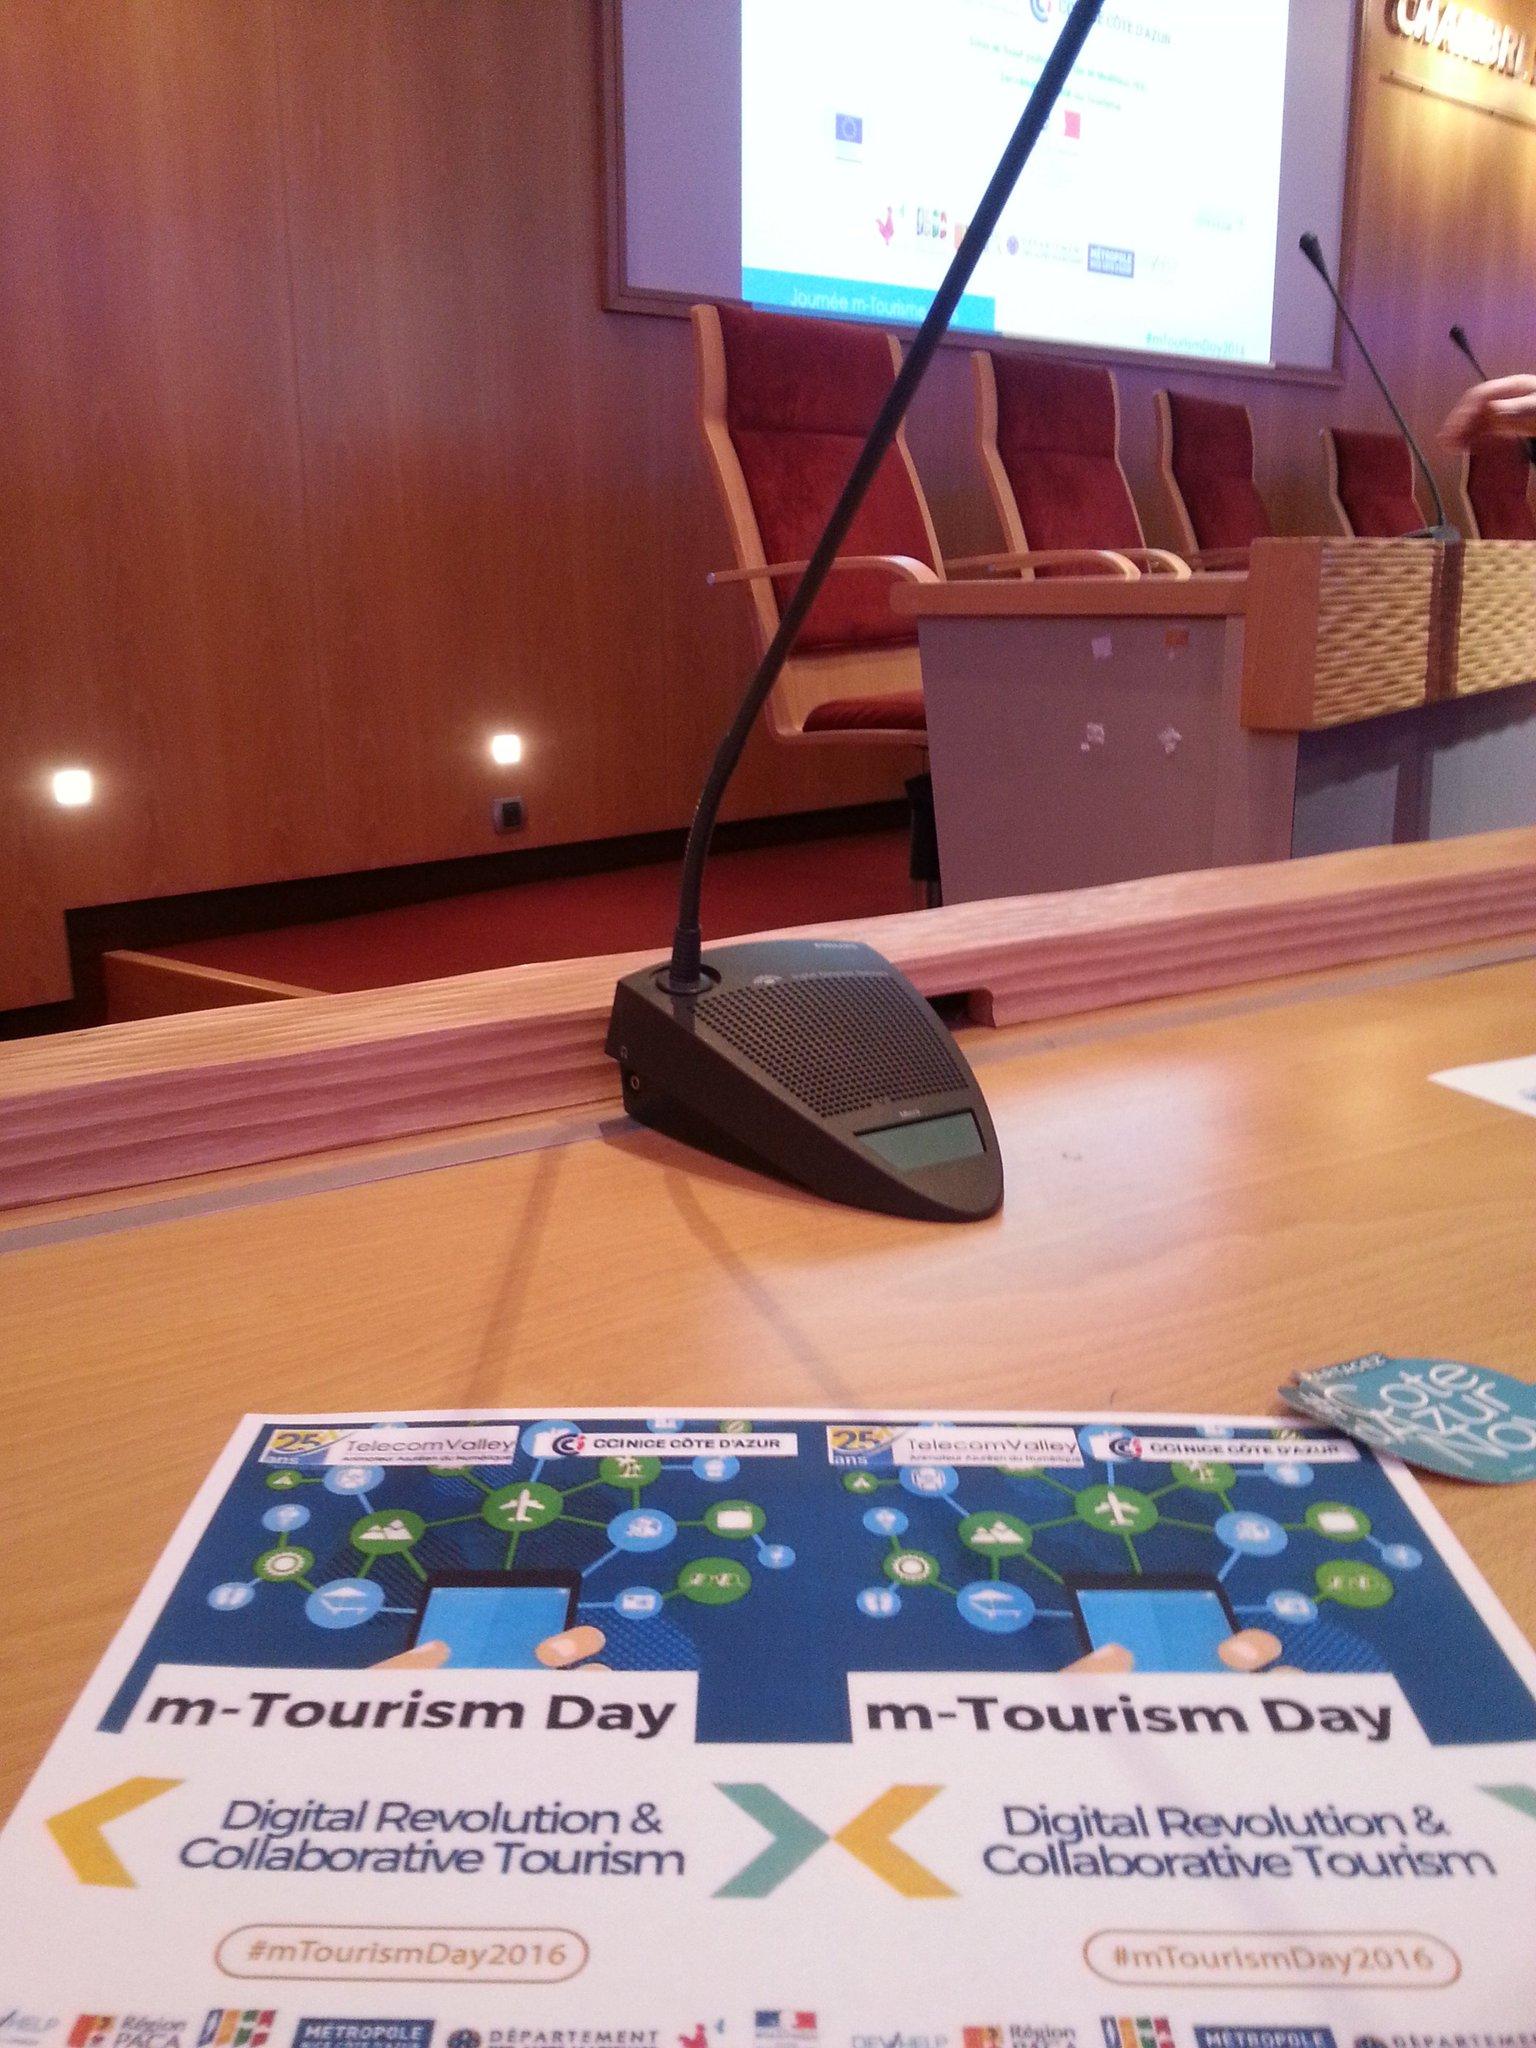 ne bonne journée de mise à jour sur les nouvelles technologies du #m-tourisme. @cci-nice #mTourismDay2016  :) (y) https://t.co/Jq3p4kjeOB